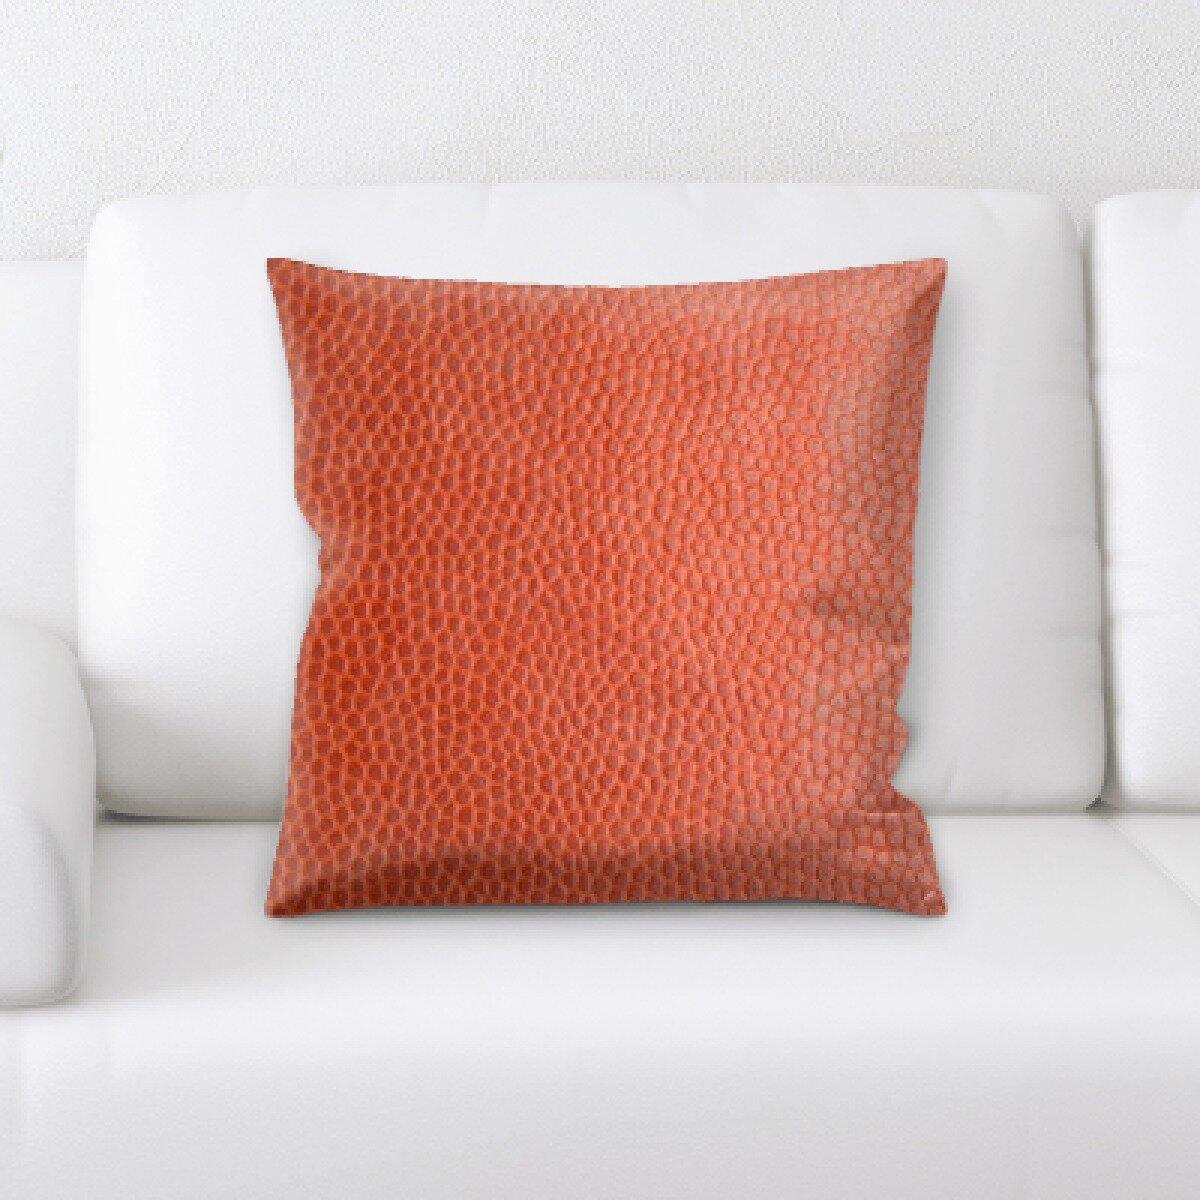 Ebern Designs Burritt Abstract Textures Throw Pillow Wayfair